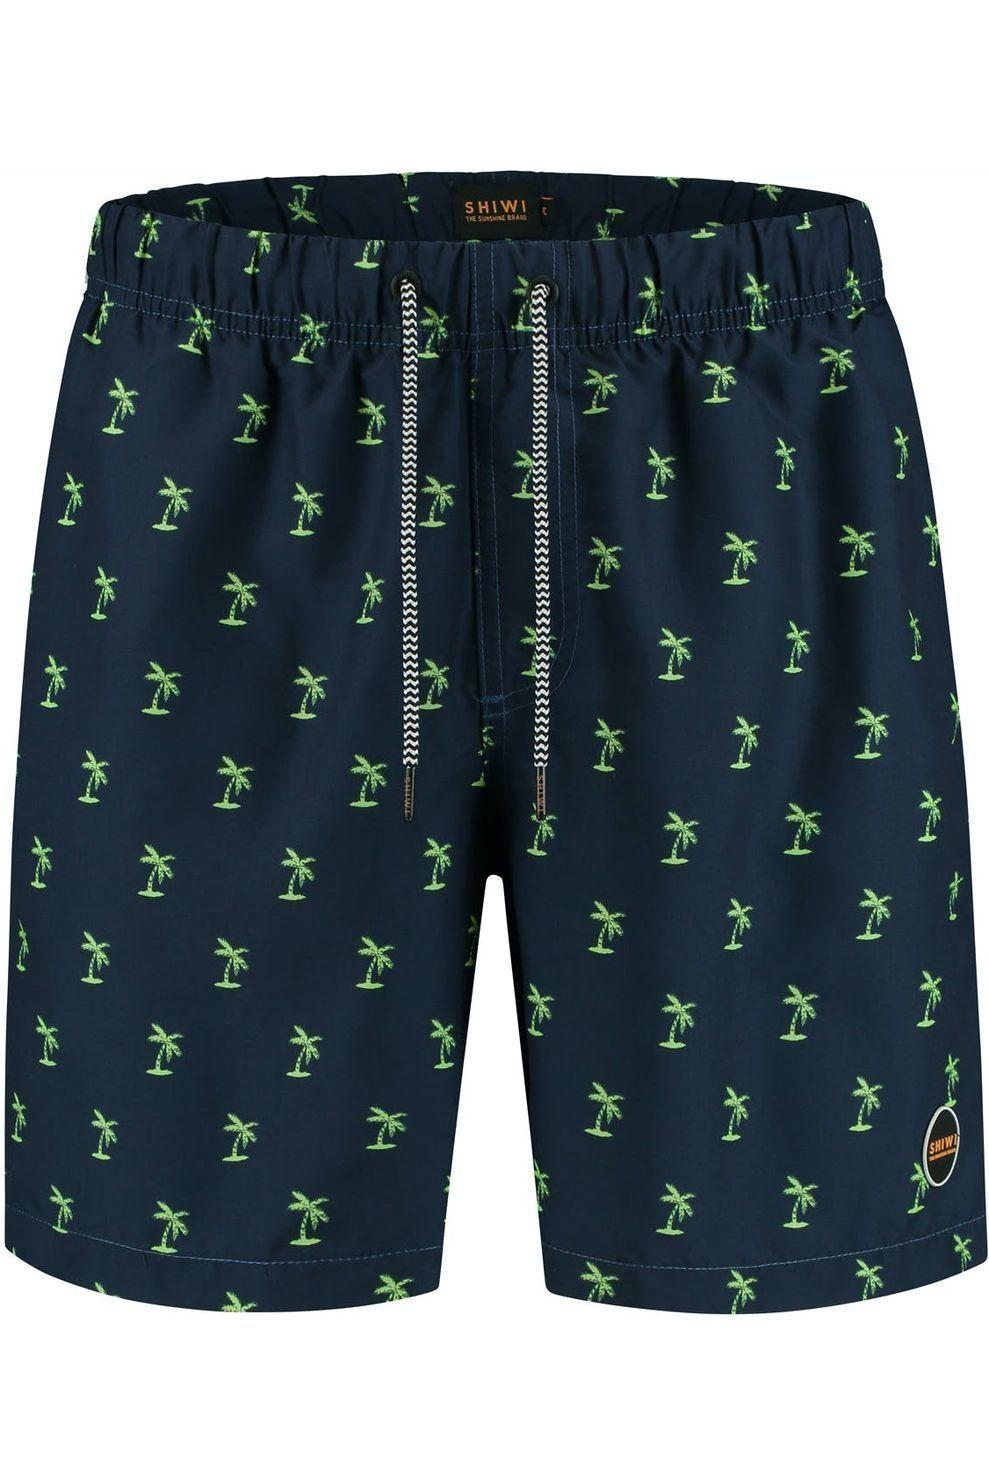 Shiwi Zwemshort Shiwi Palmtree voor heren - Blauw - Maten: S, M, L, XL, XXL